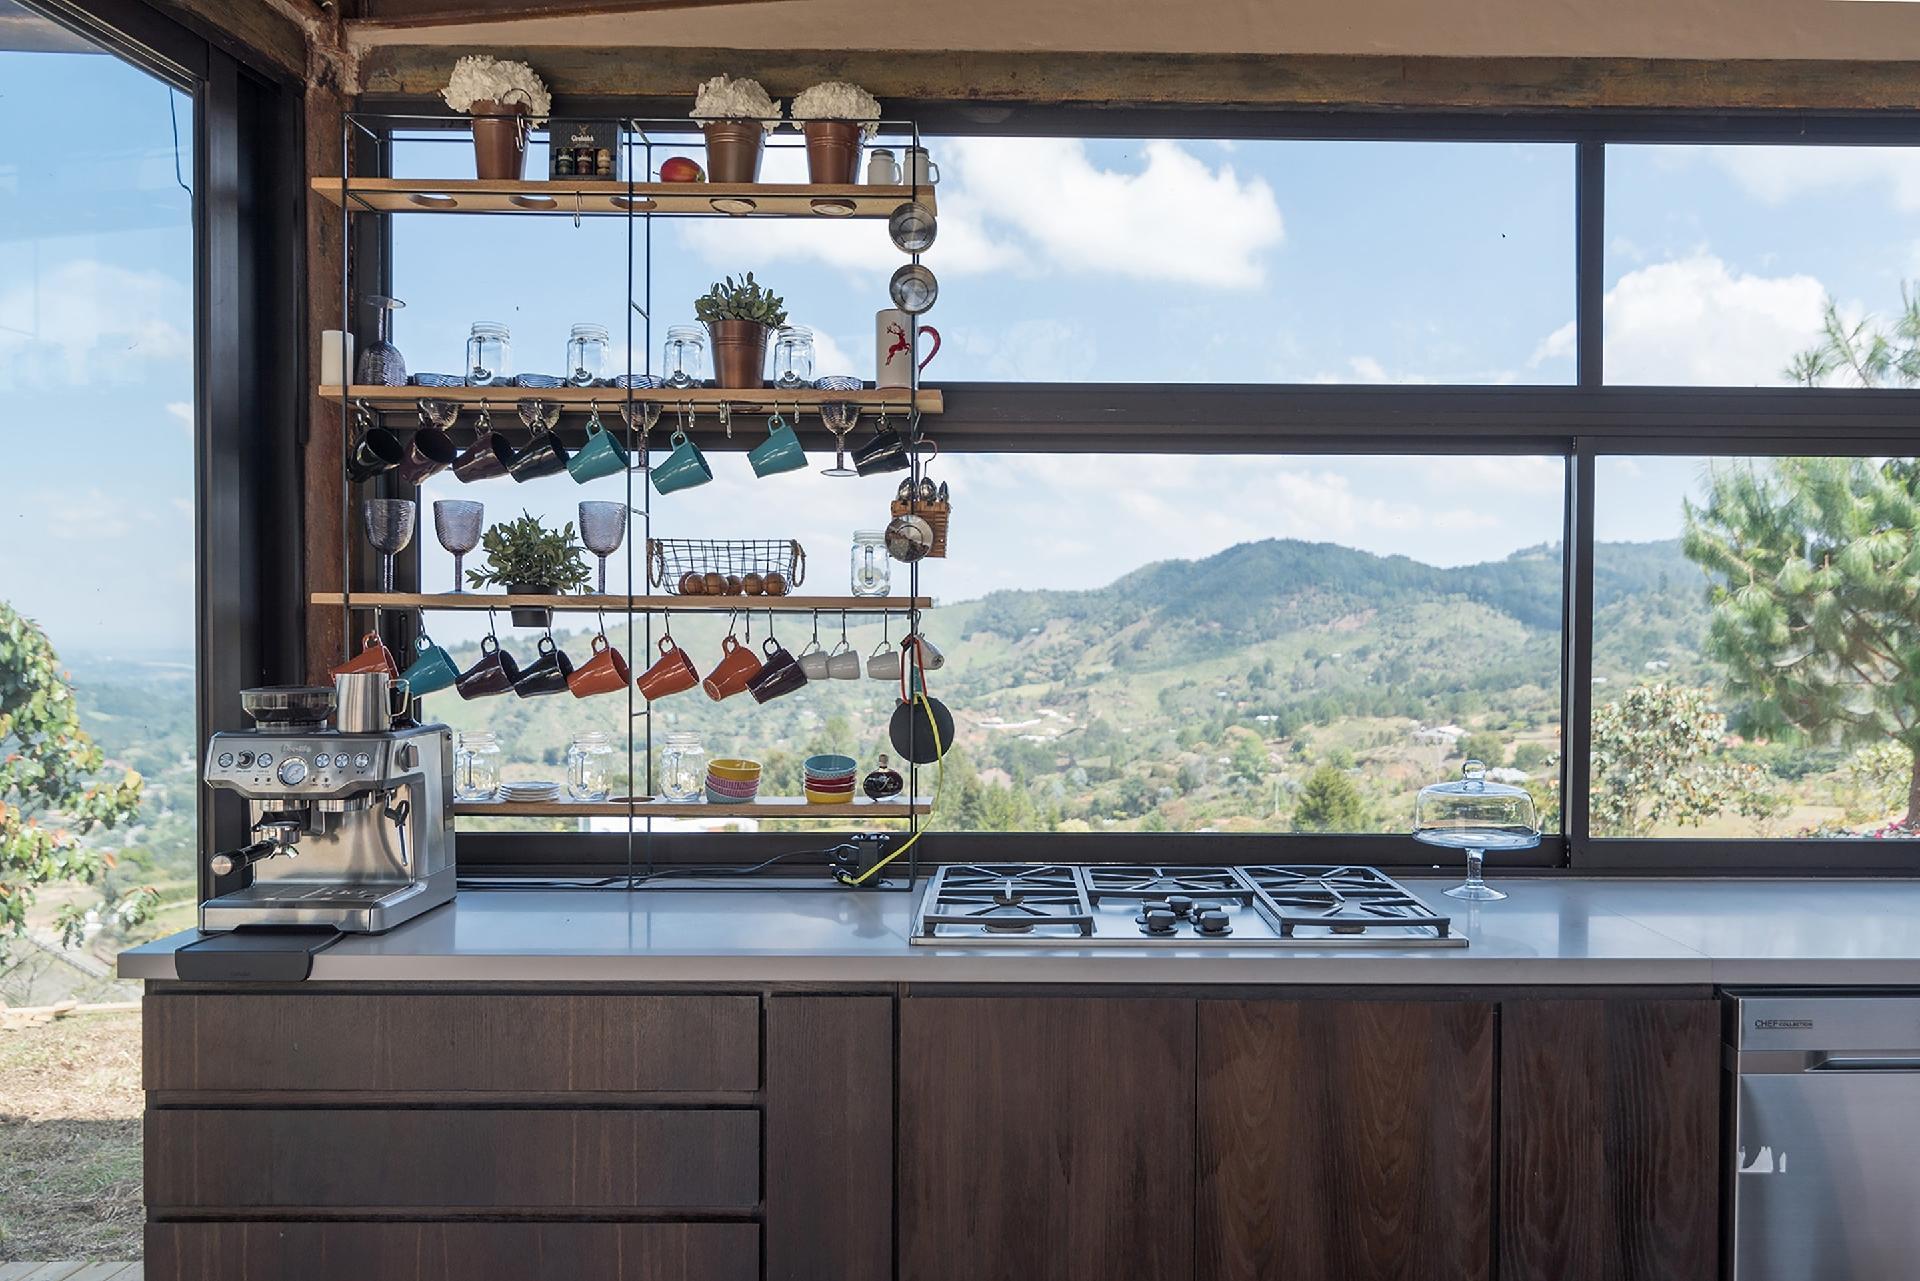 Na cozinha, a marcenaria é revestida com painéis de fibra que imitam a madeira natural e parte dos utensílios pode ficar exposta no louceiro de metal. A arquitetura da casa Gozu, projetada pela equipe do coletivo de arquitetos OPUS, explora a beleza da paisagem através de generosas aberturas